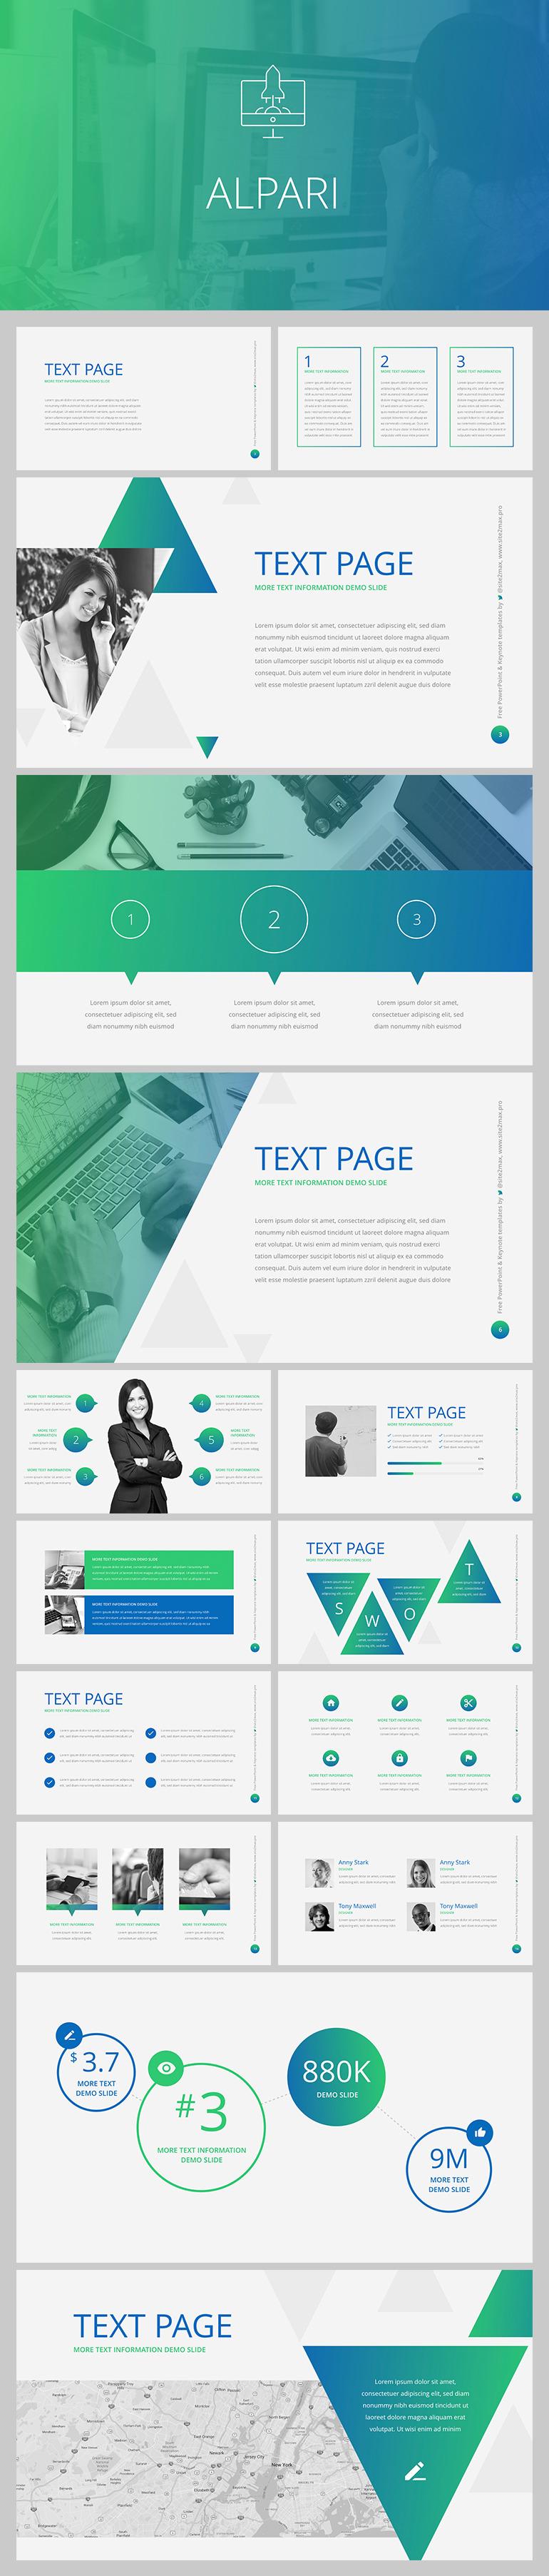 회사 소개서에 쓰면 좋을 PPT 템플릿 - Free PowerPoint Template For Corporate Introduction